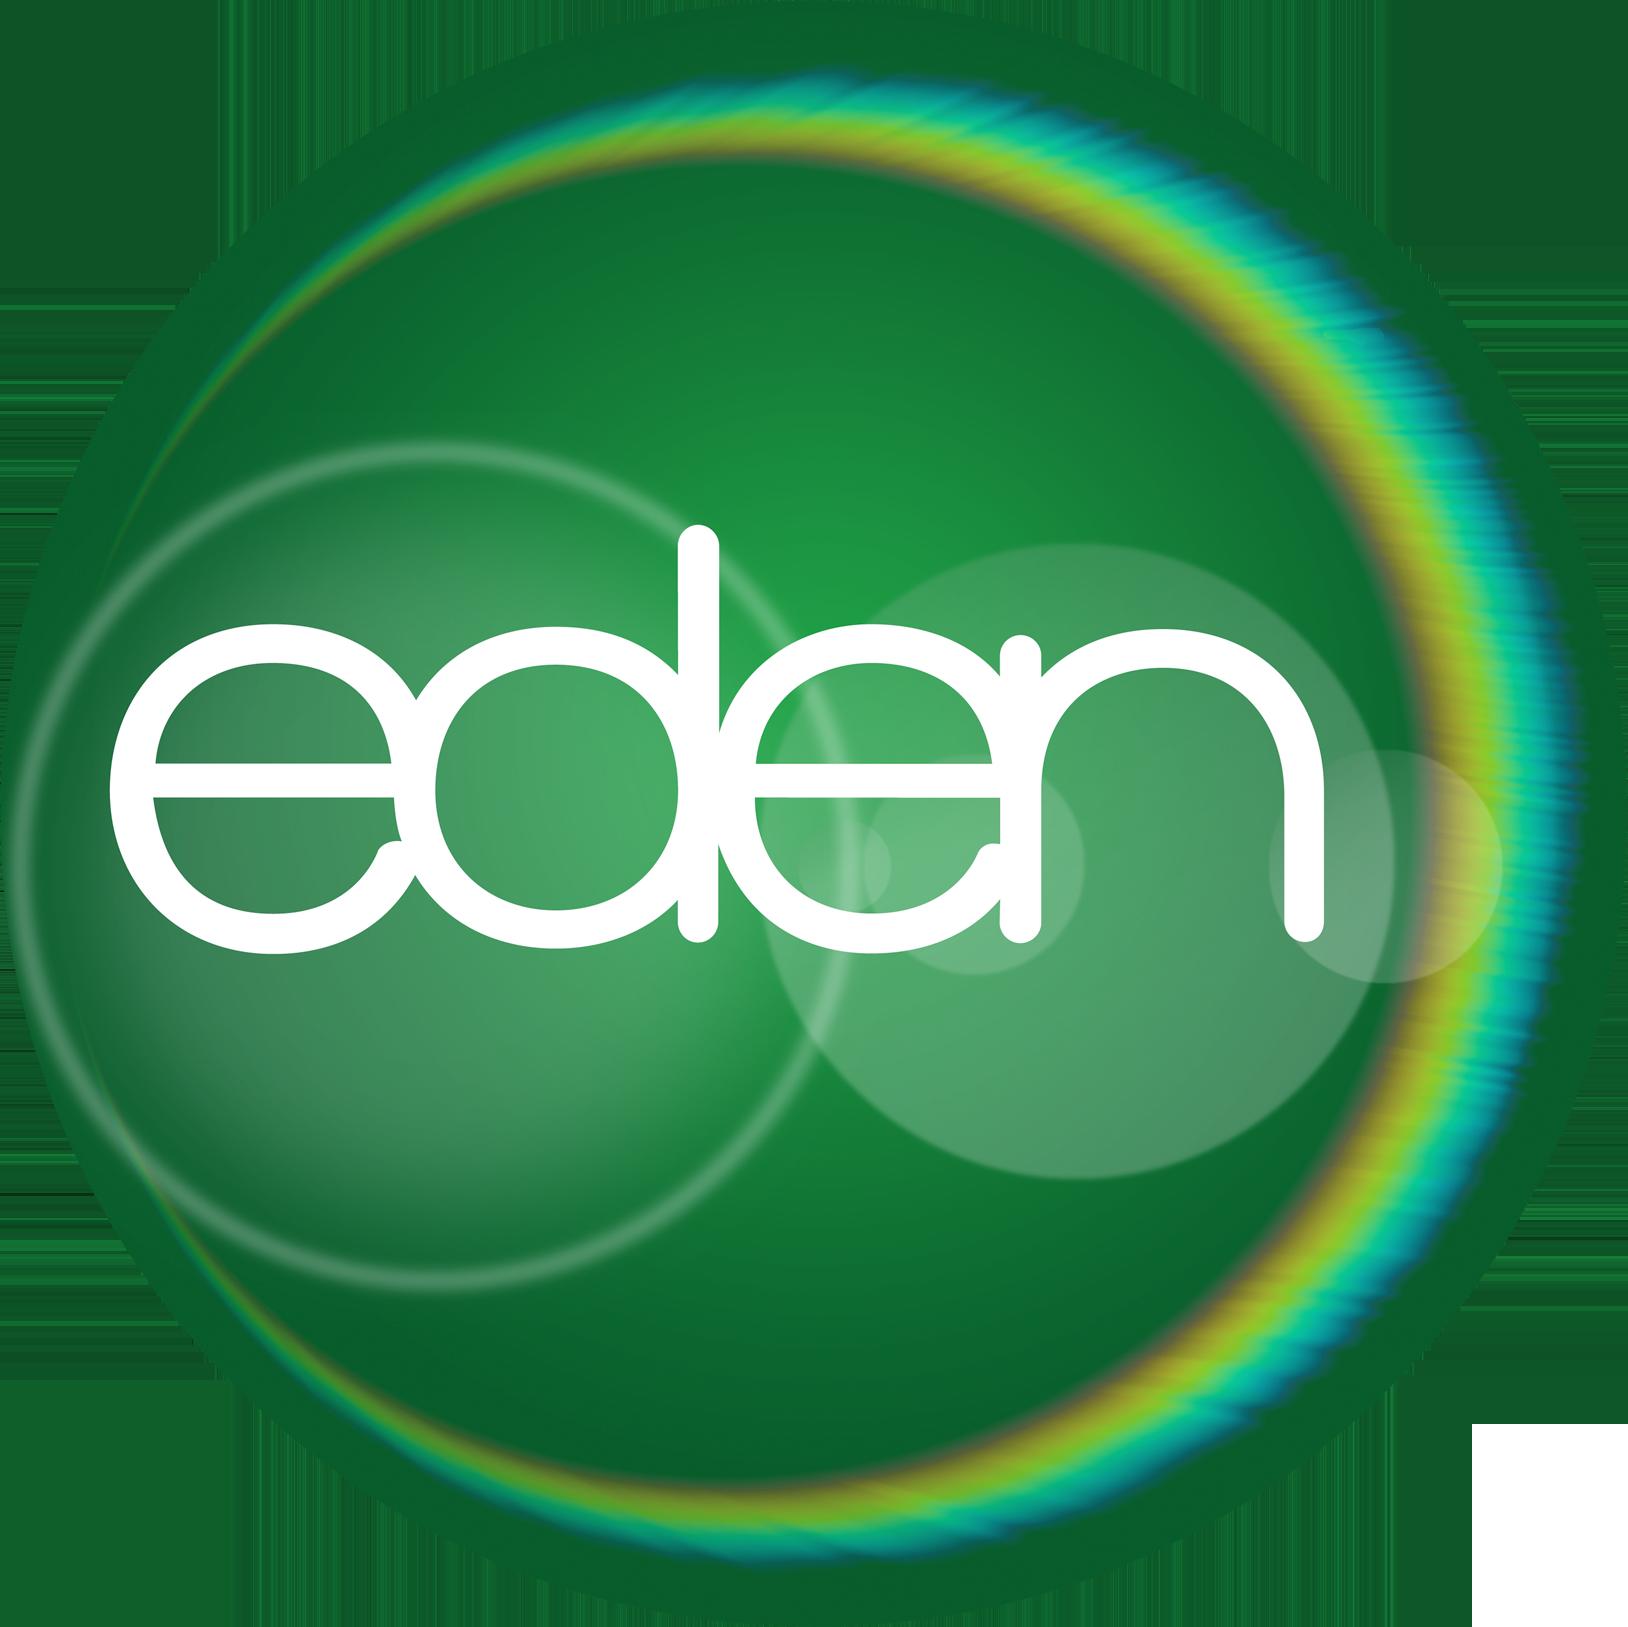 Eden circle logo 2012